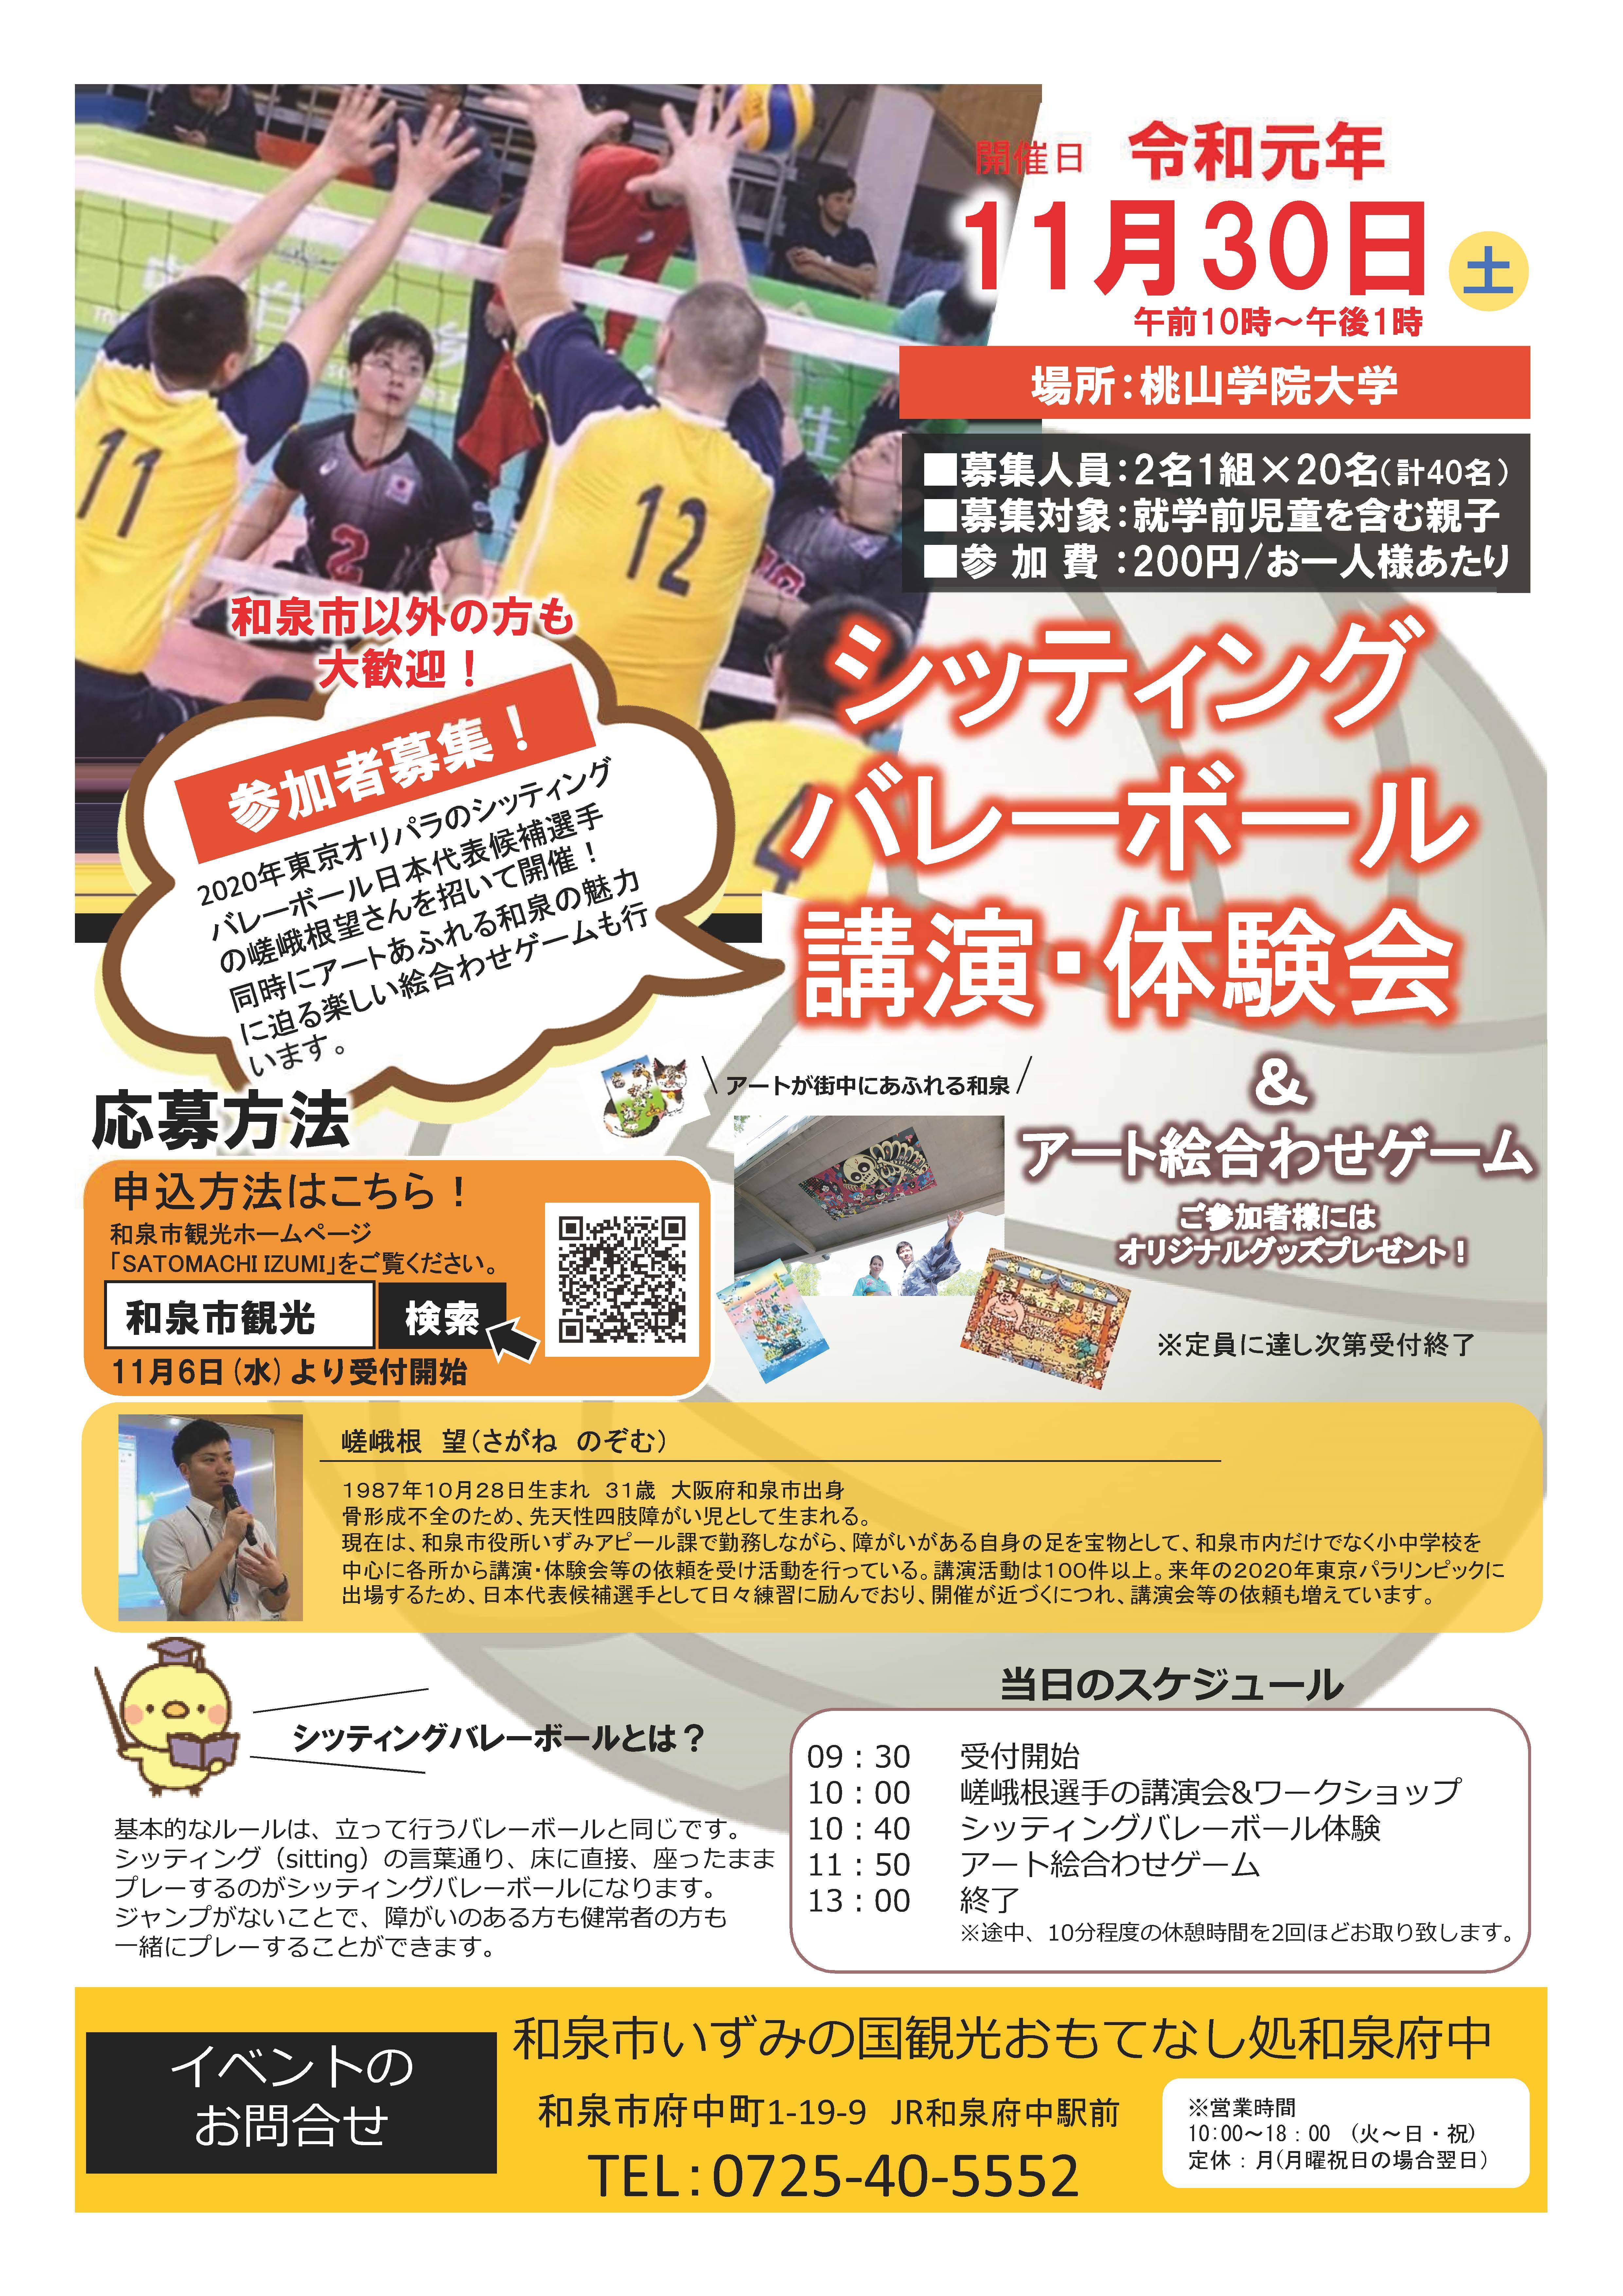 【申込はお早めに】2019年11月30日(土)親子で体験!シッティングバレーボール講演・体験会